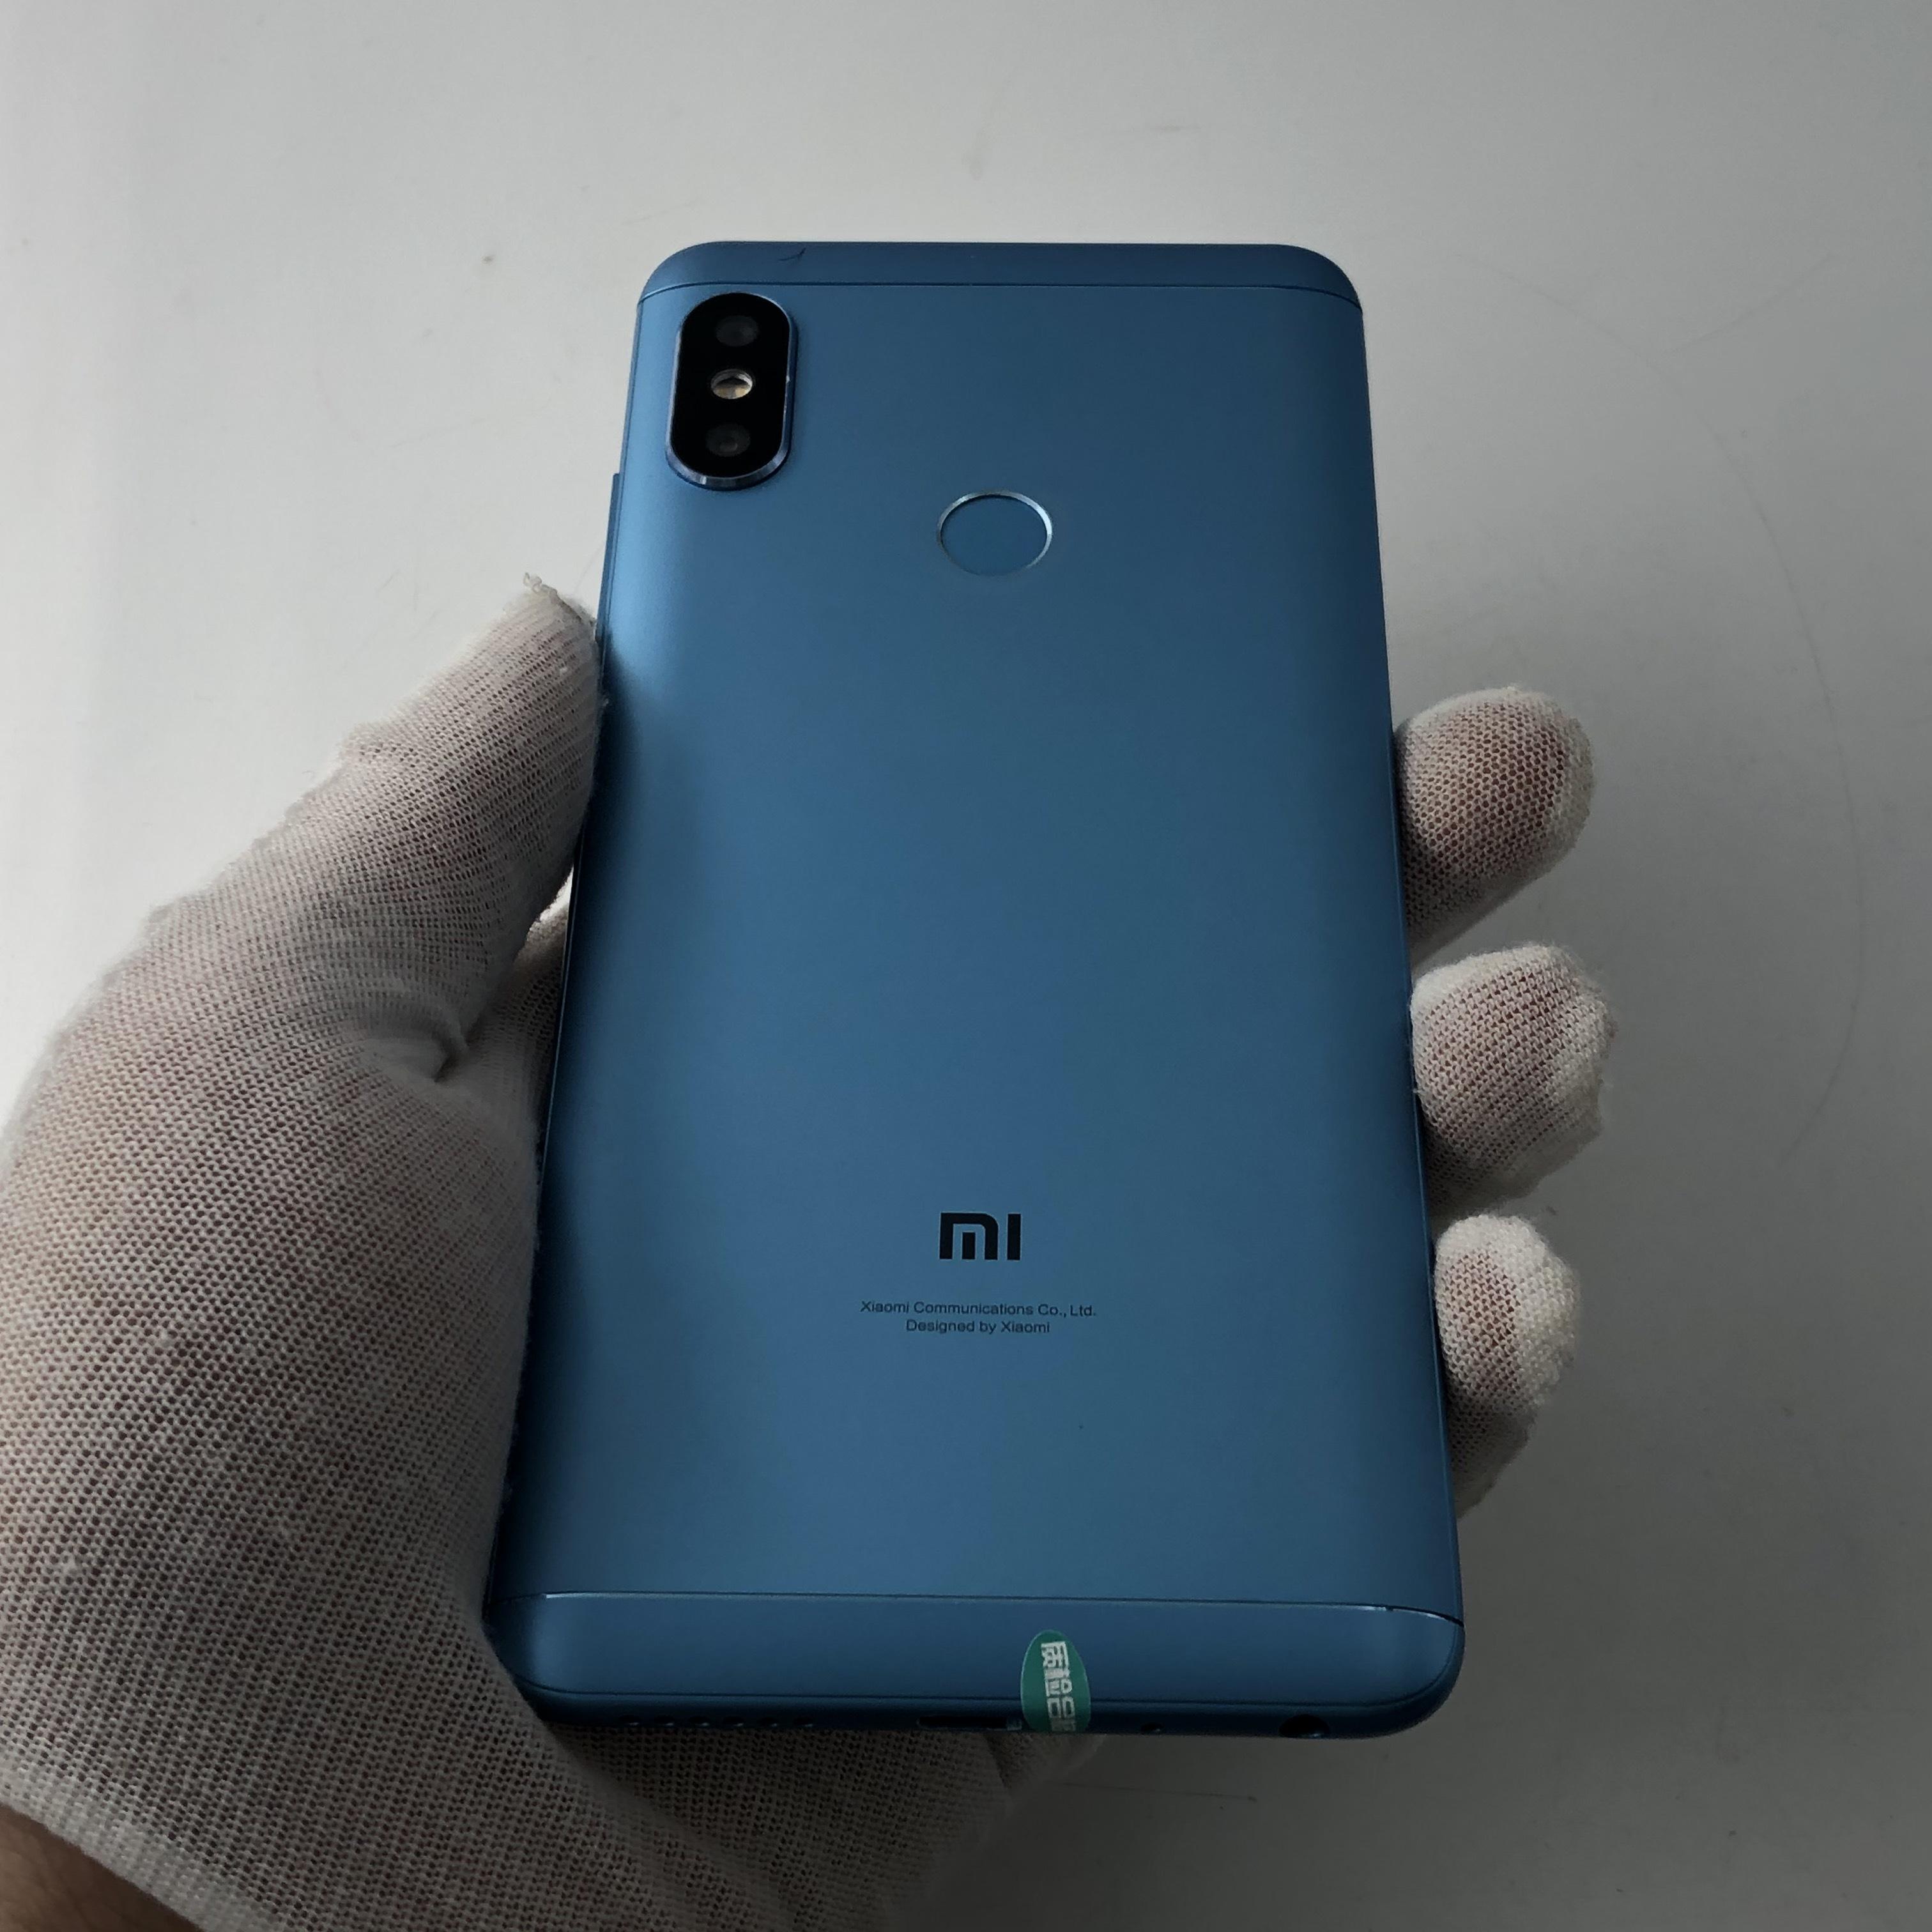 小米【红米Note5】4G全网通 蓝色 6G/64G 国行 95新